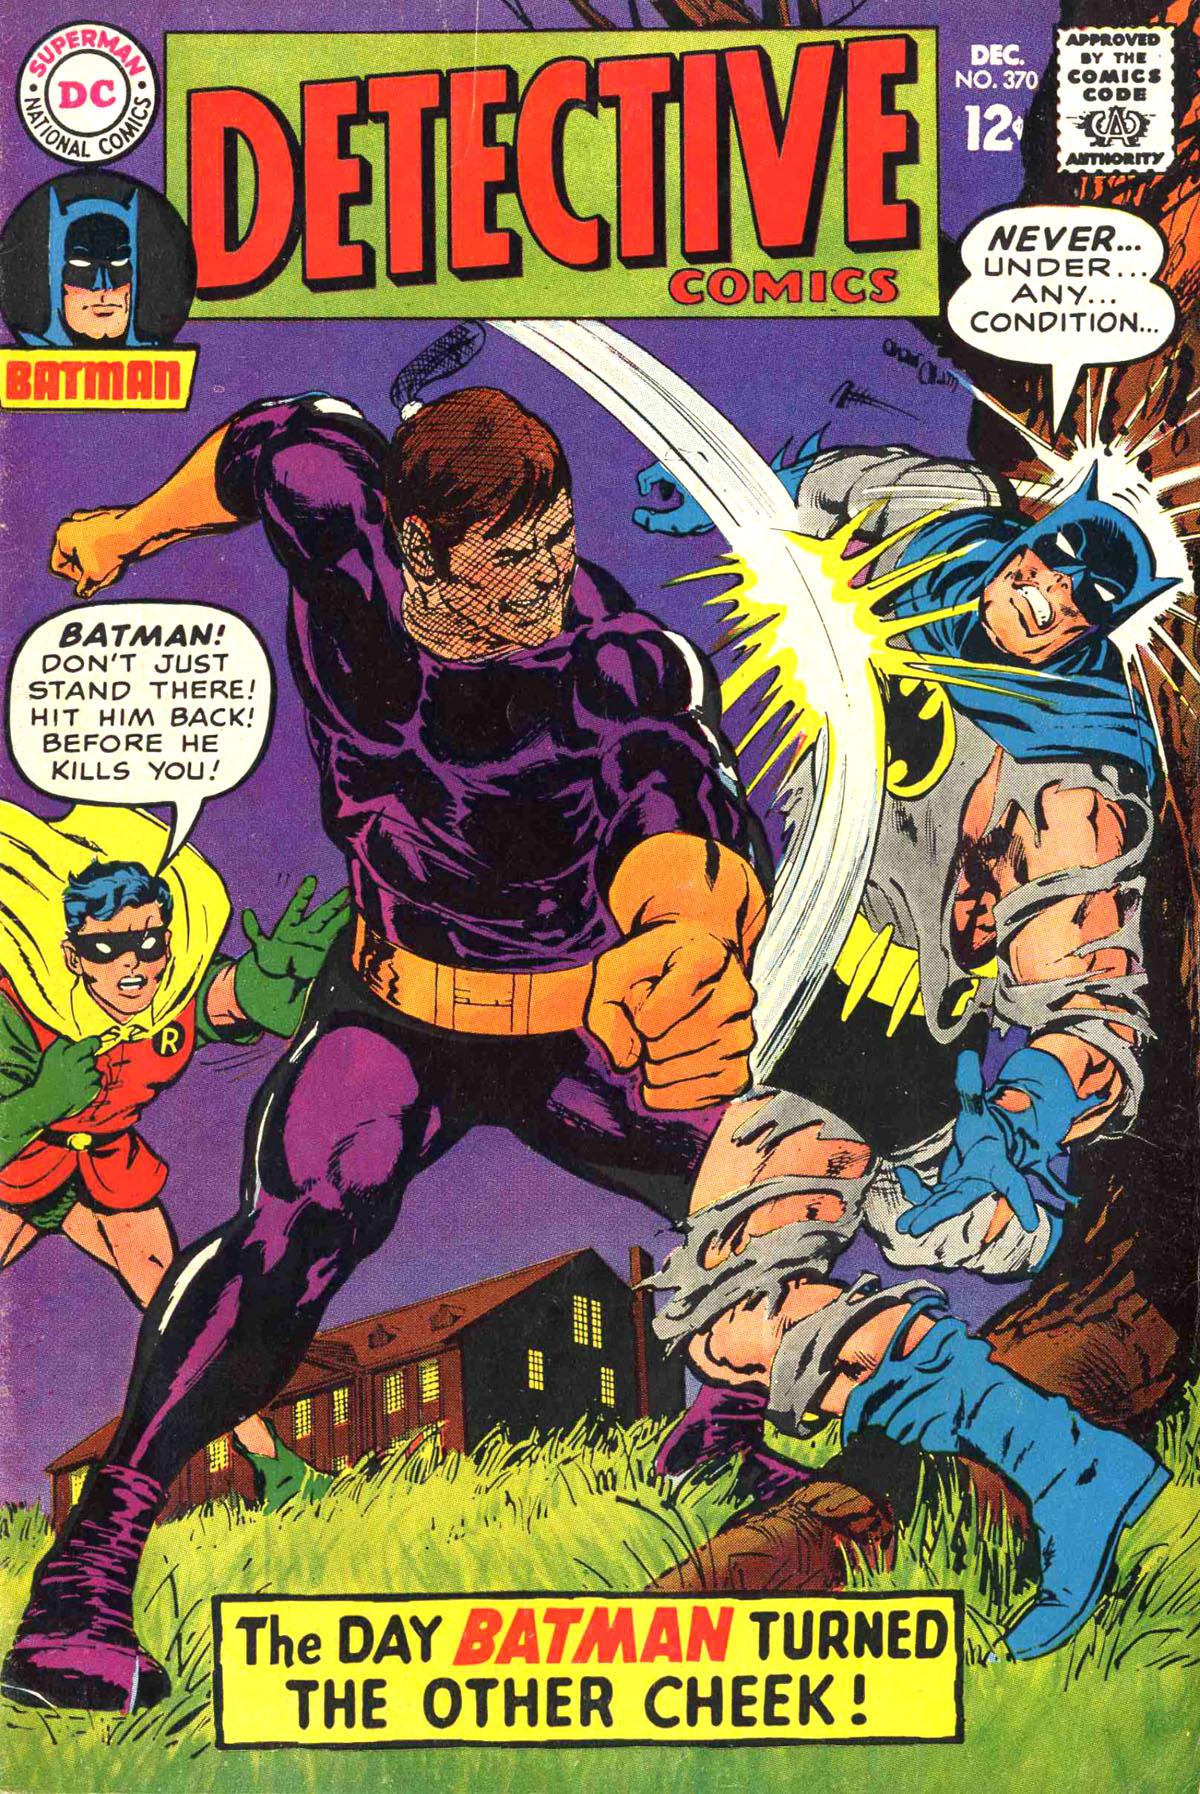 Detective Comics Vol 1 370